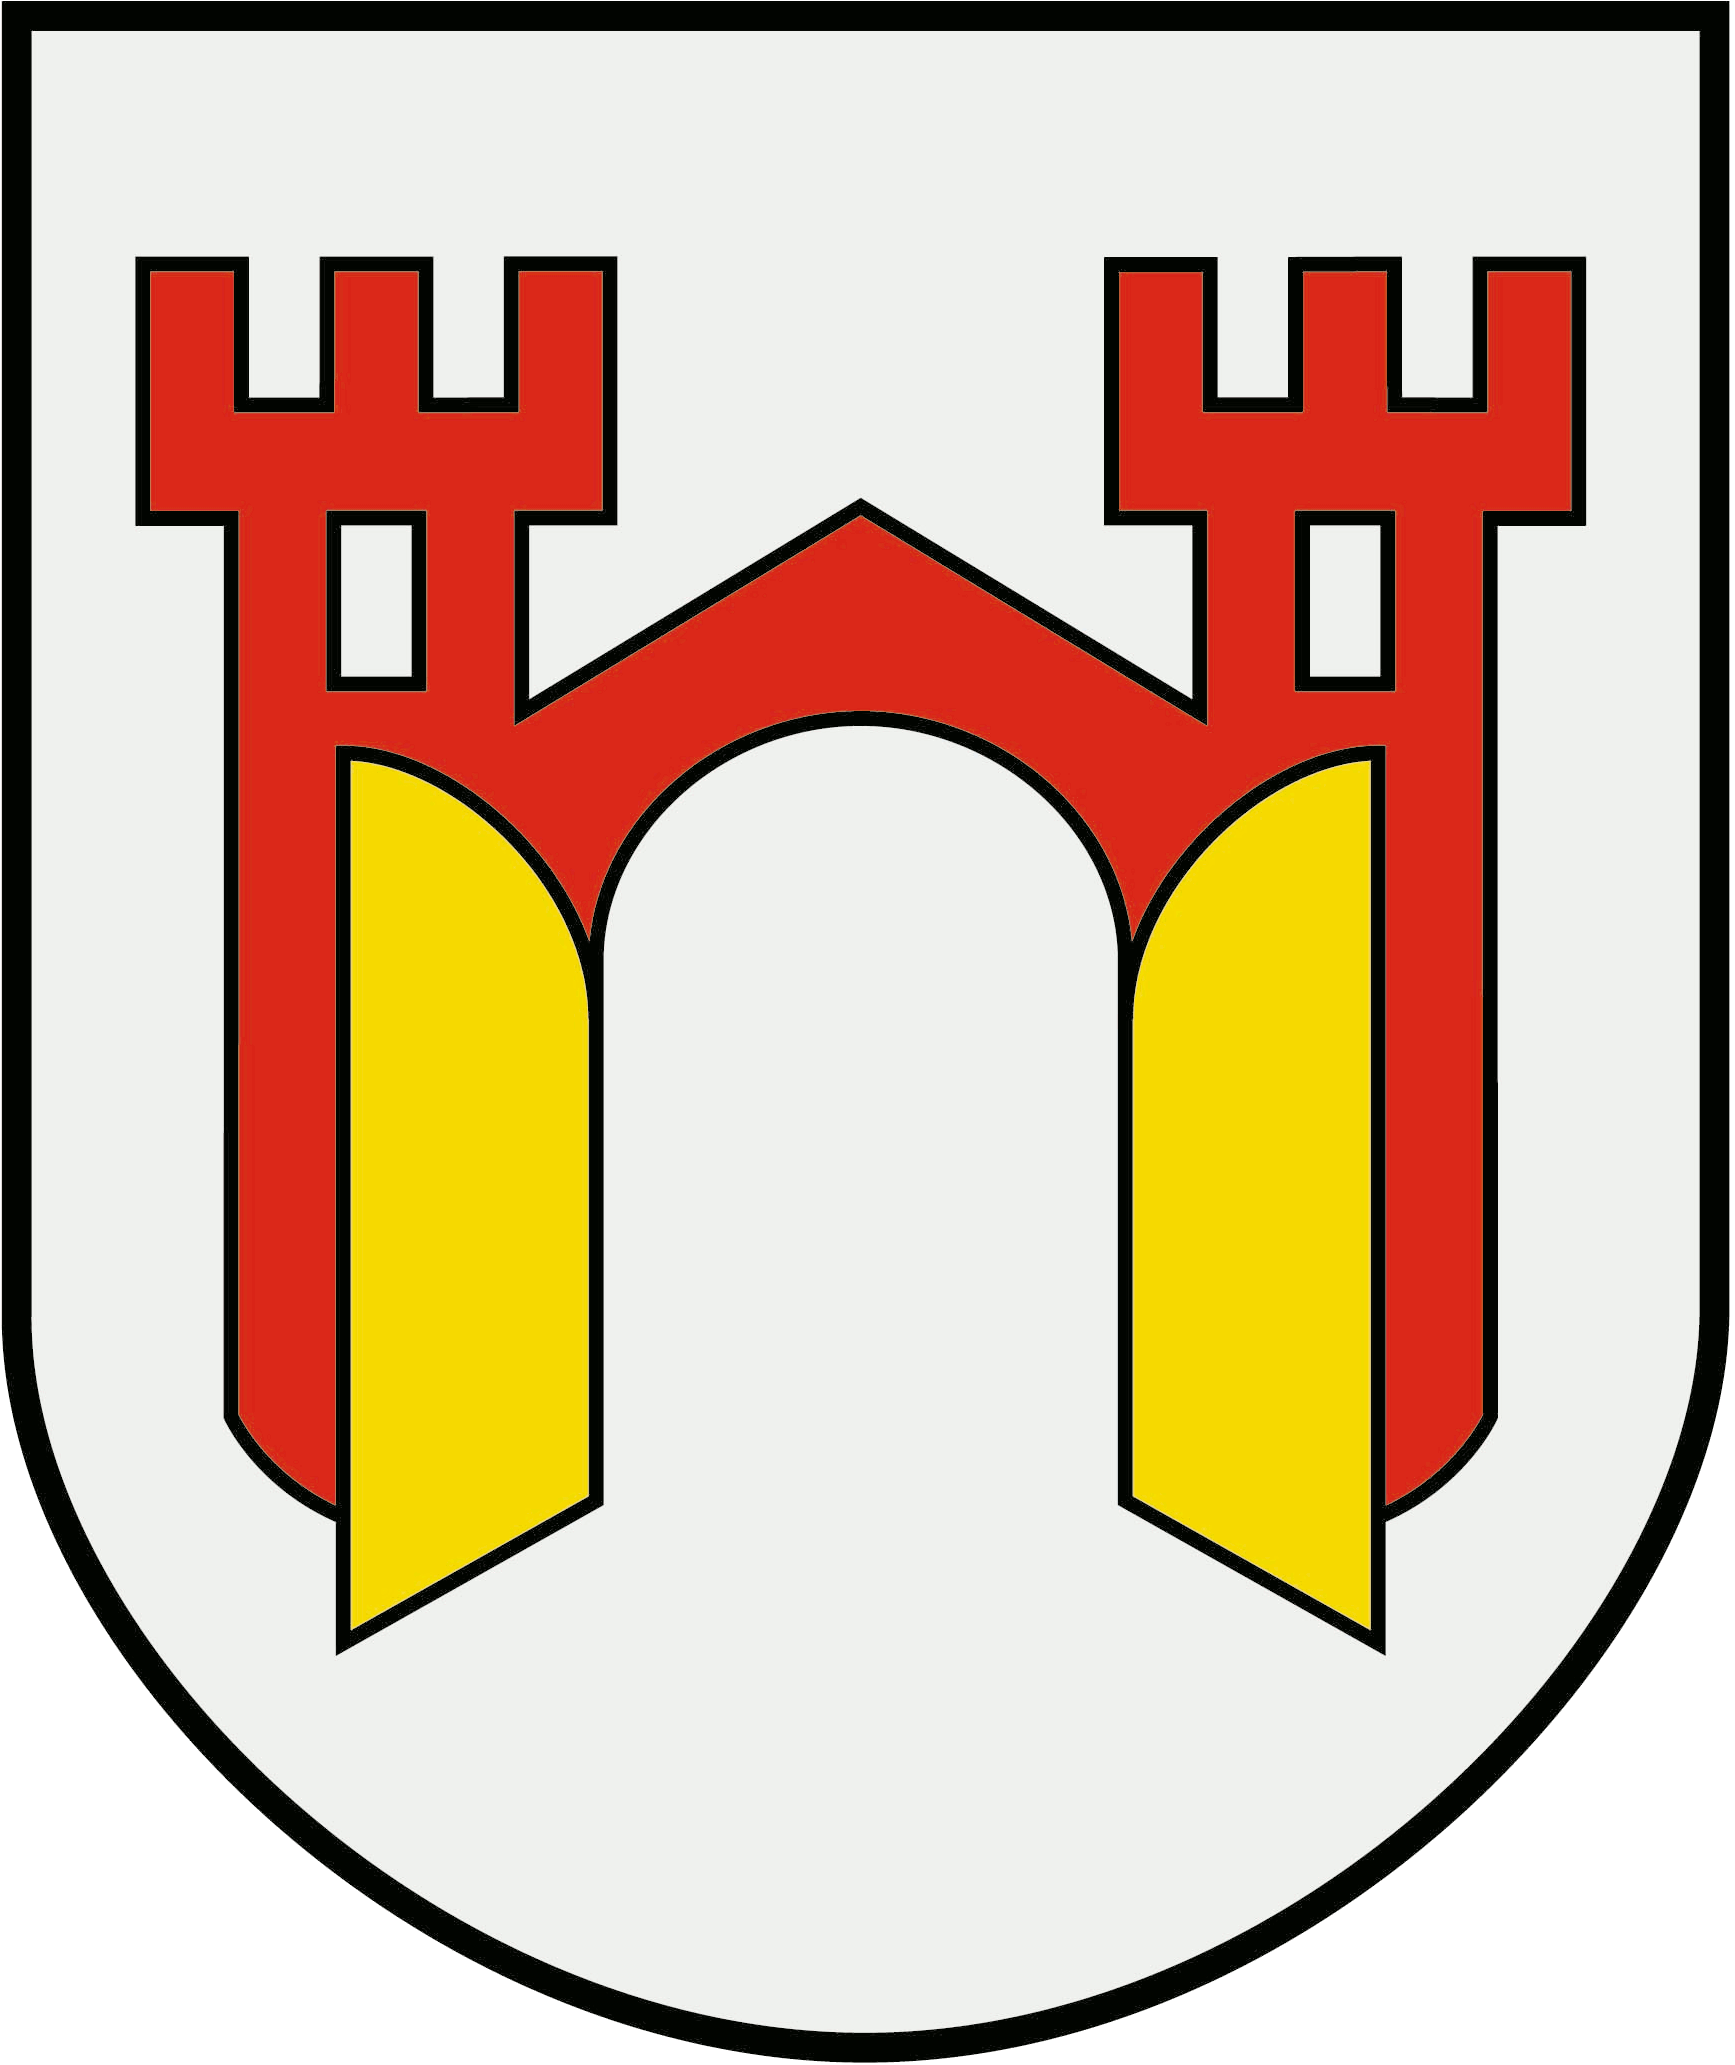 Briefwahl Beantragen In Offenburg Bundestagswahl 2021